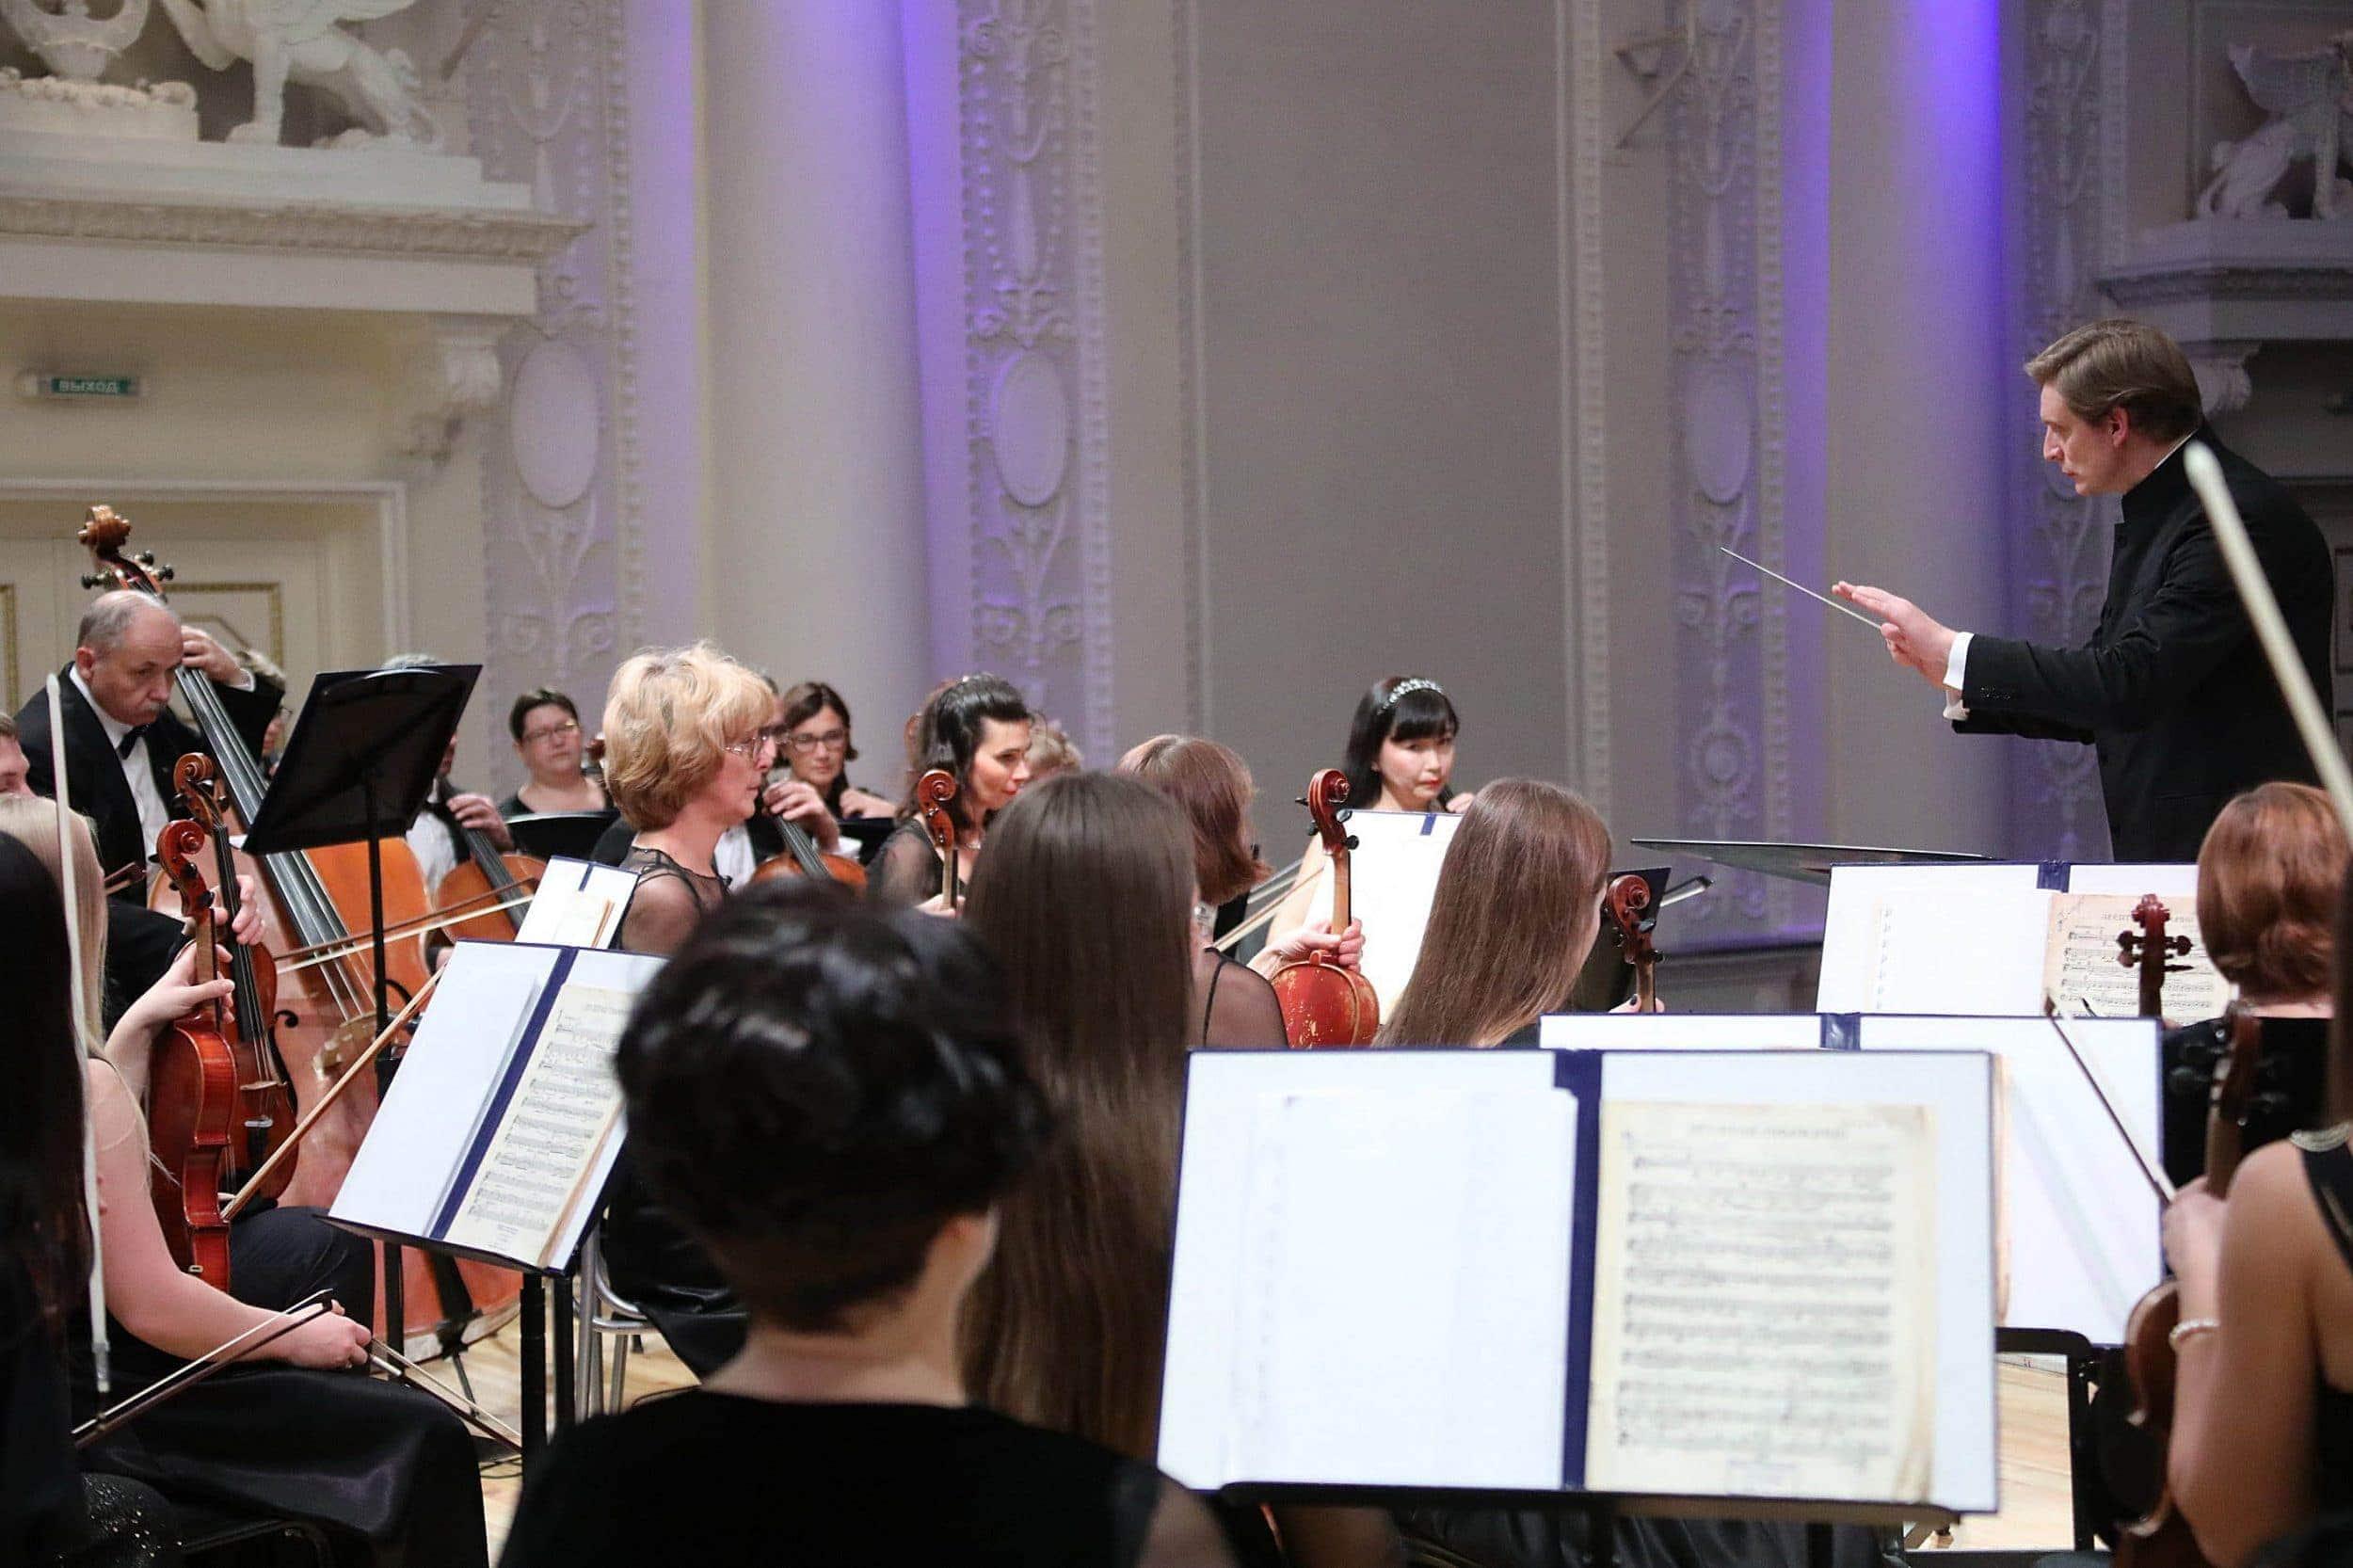 Выступление Дальневосточного оркестра, безусловно, стало украшением V Симфонического форума в Екатеринбурге. Фото - Татьяна Андреева